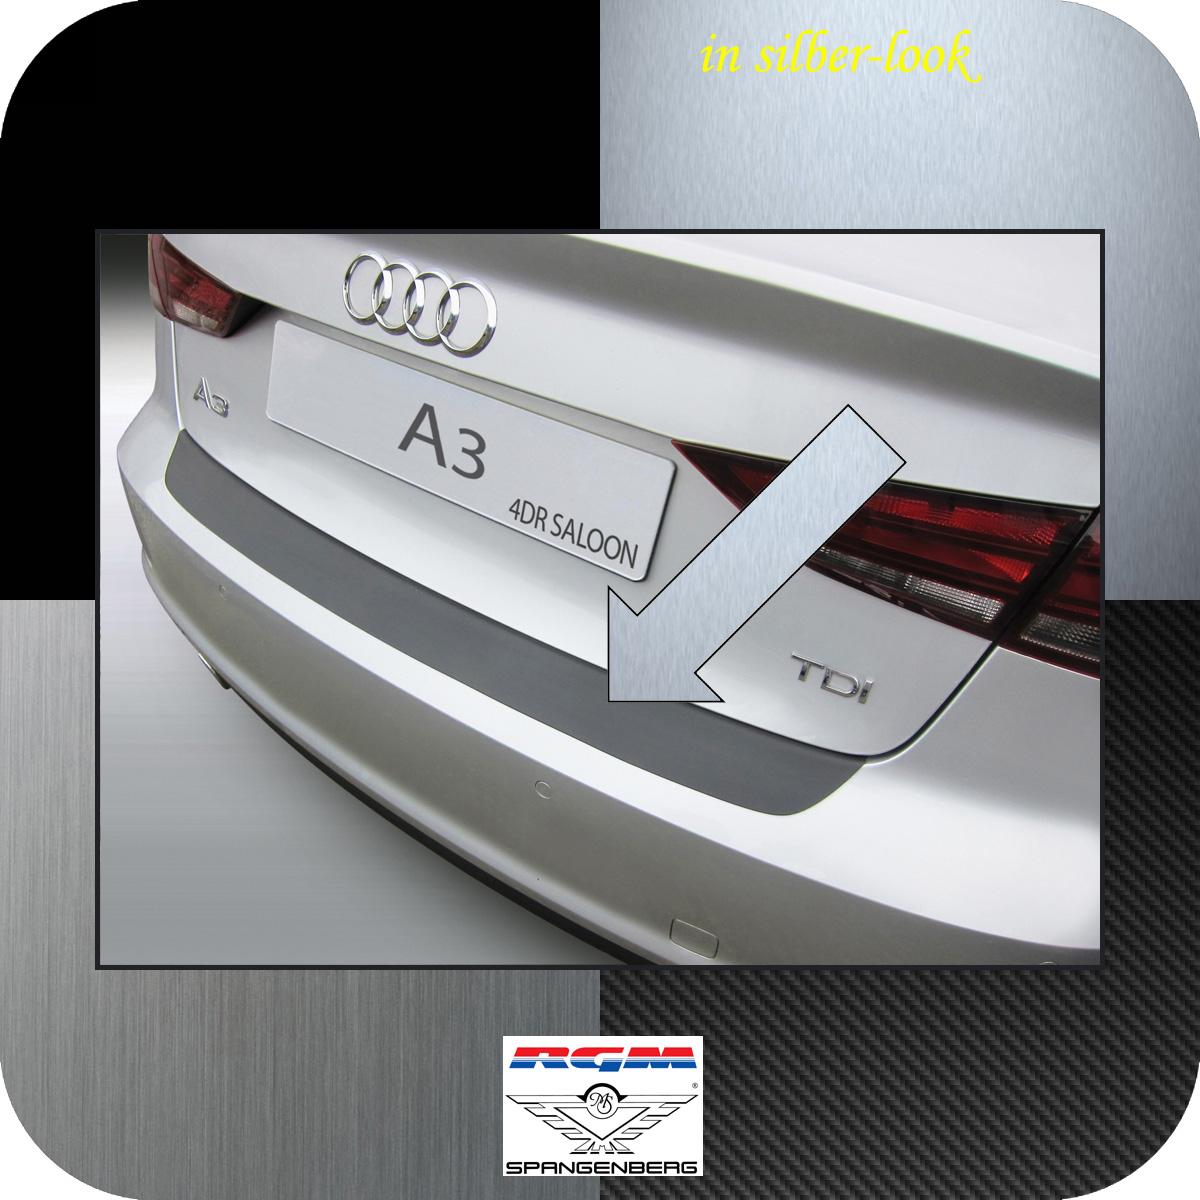 Ladekantenschutz Silber-Look Audi A3 8V Limousine 4-Türer ab Bj 2013- 3506926